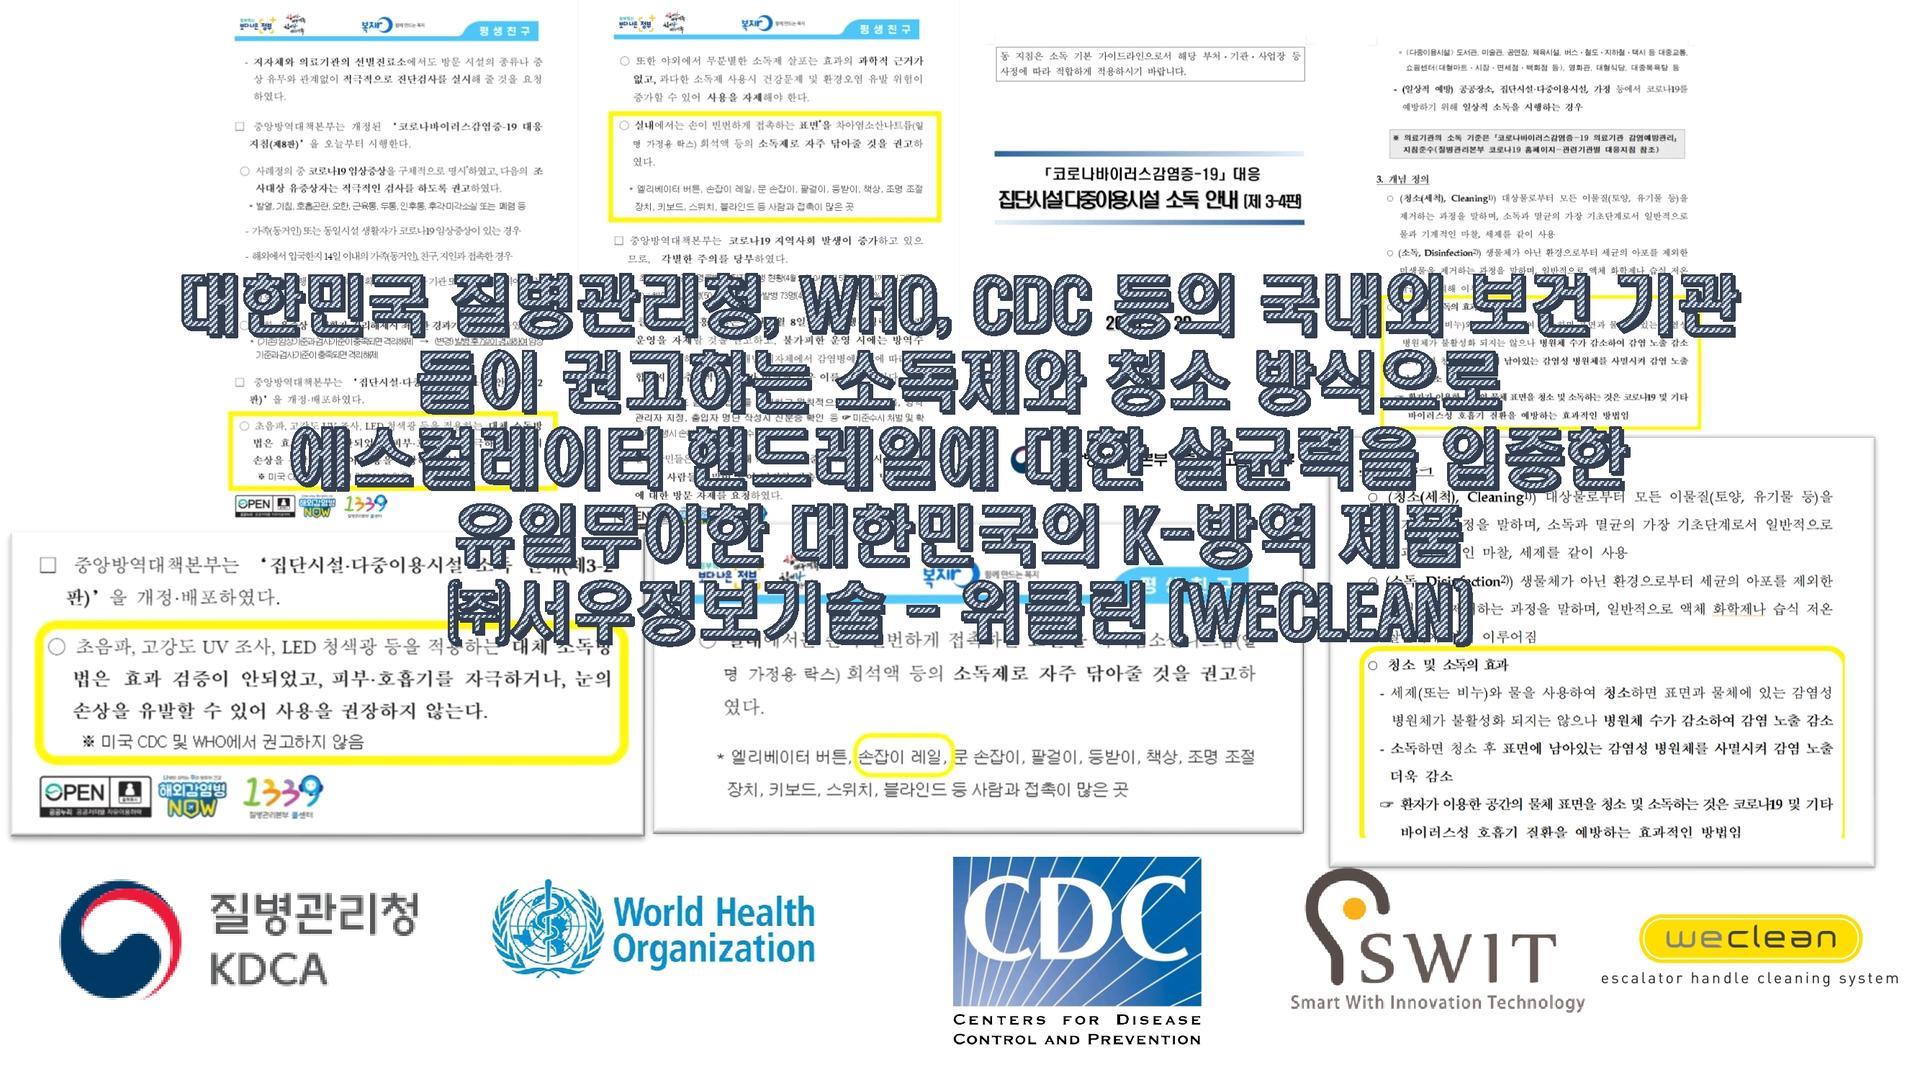 질병관리청, WHO, CDC 등 보건 기관에서 권고하는 소독제와 청소방식을 사용하는 에스컬레이터 소독기, 위클린(WECLEAN)